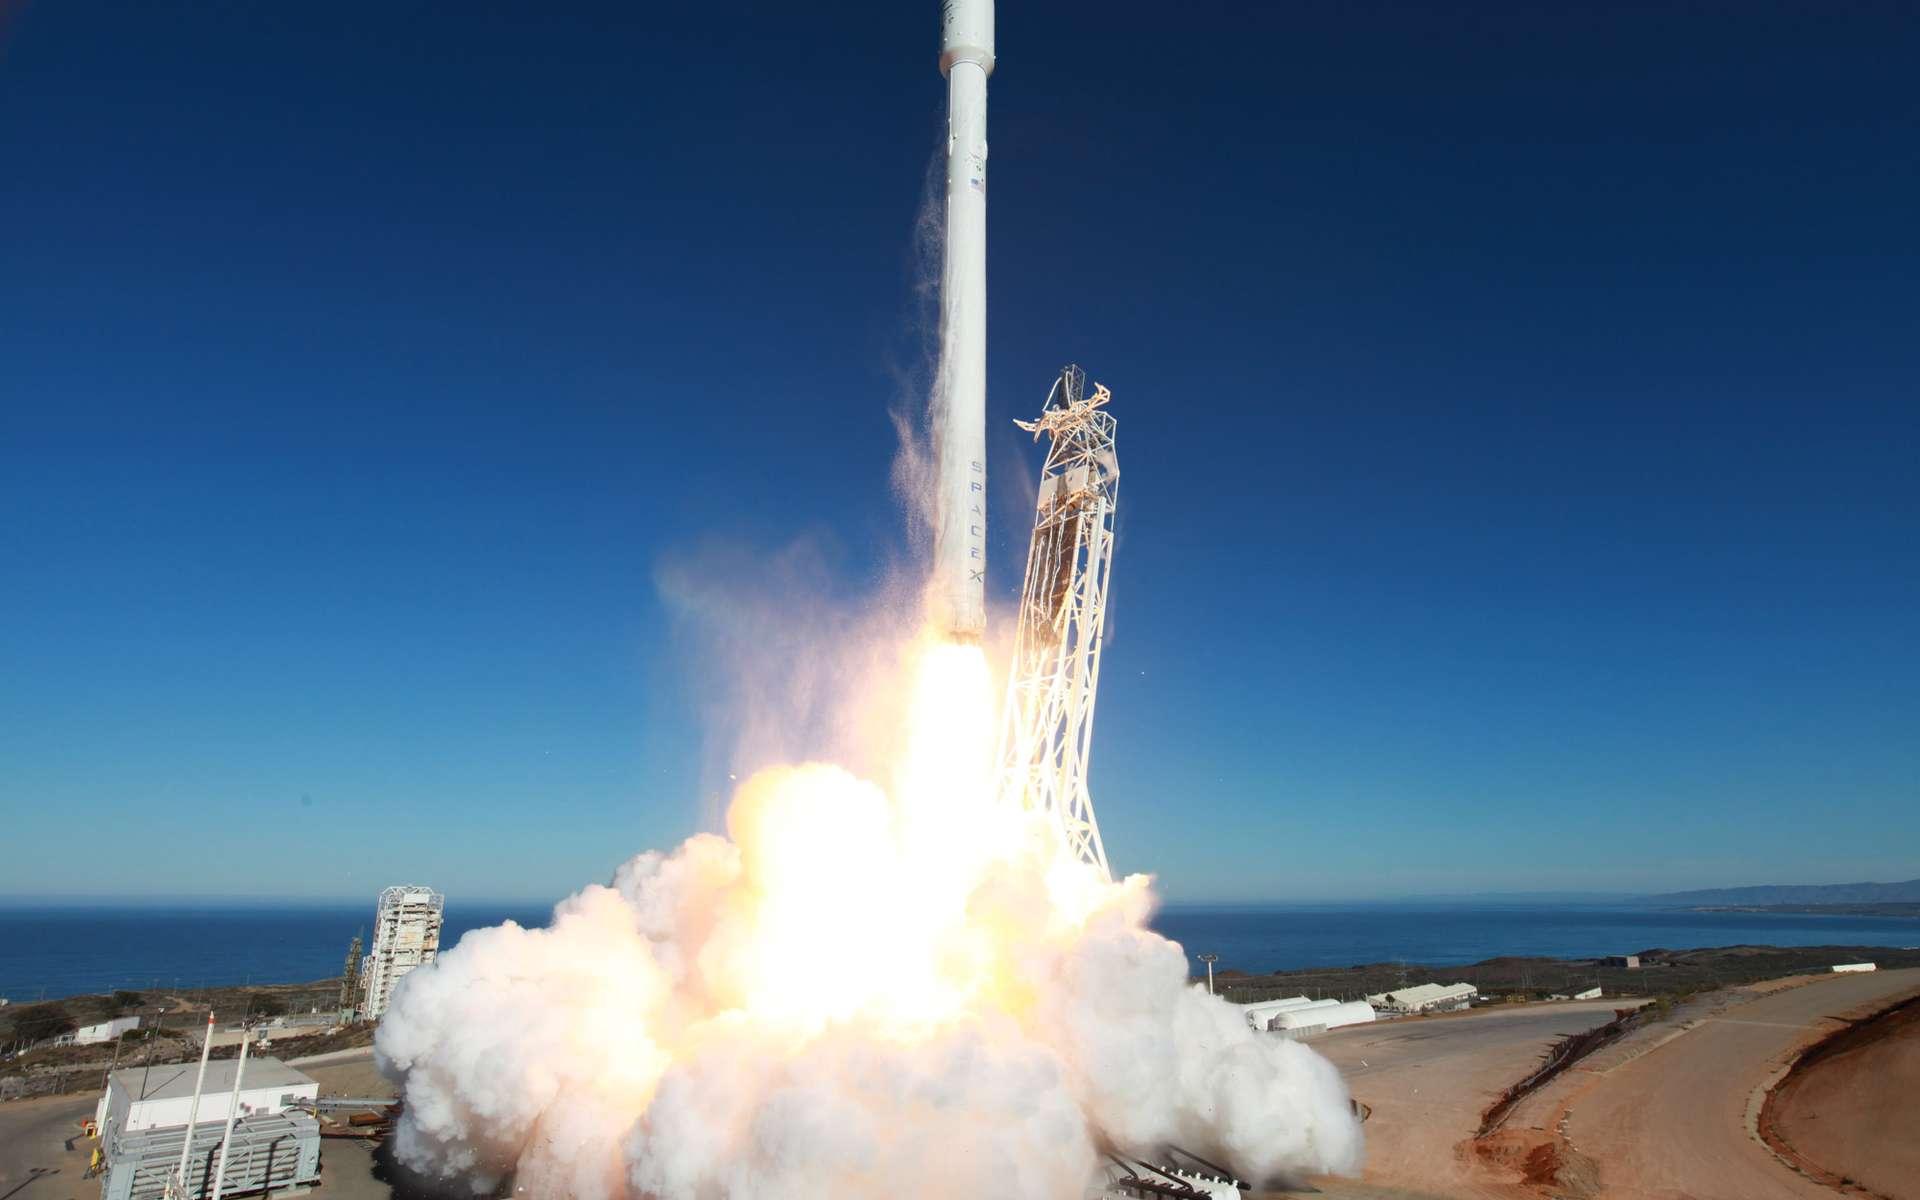 Avec une cinquantaine de satellites à lancer, le calendrier de SpaceX est très chargé. Le nouveau lanceur Falcon 9, s'il tient ses promesses, sera utilisé pour lancer deux satellites en orbite de transfert géostationnaire (GTO) en 2013, dont SES-8, et au moins cinq en 2014. © SpaceX